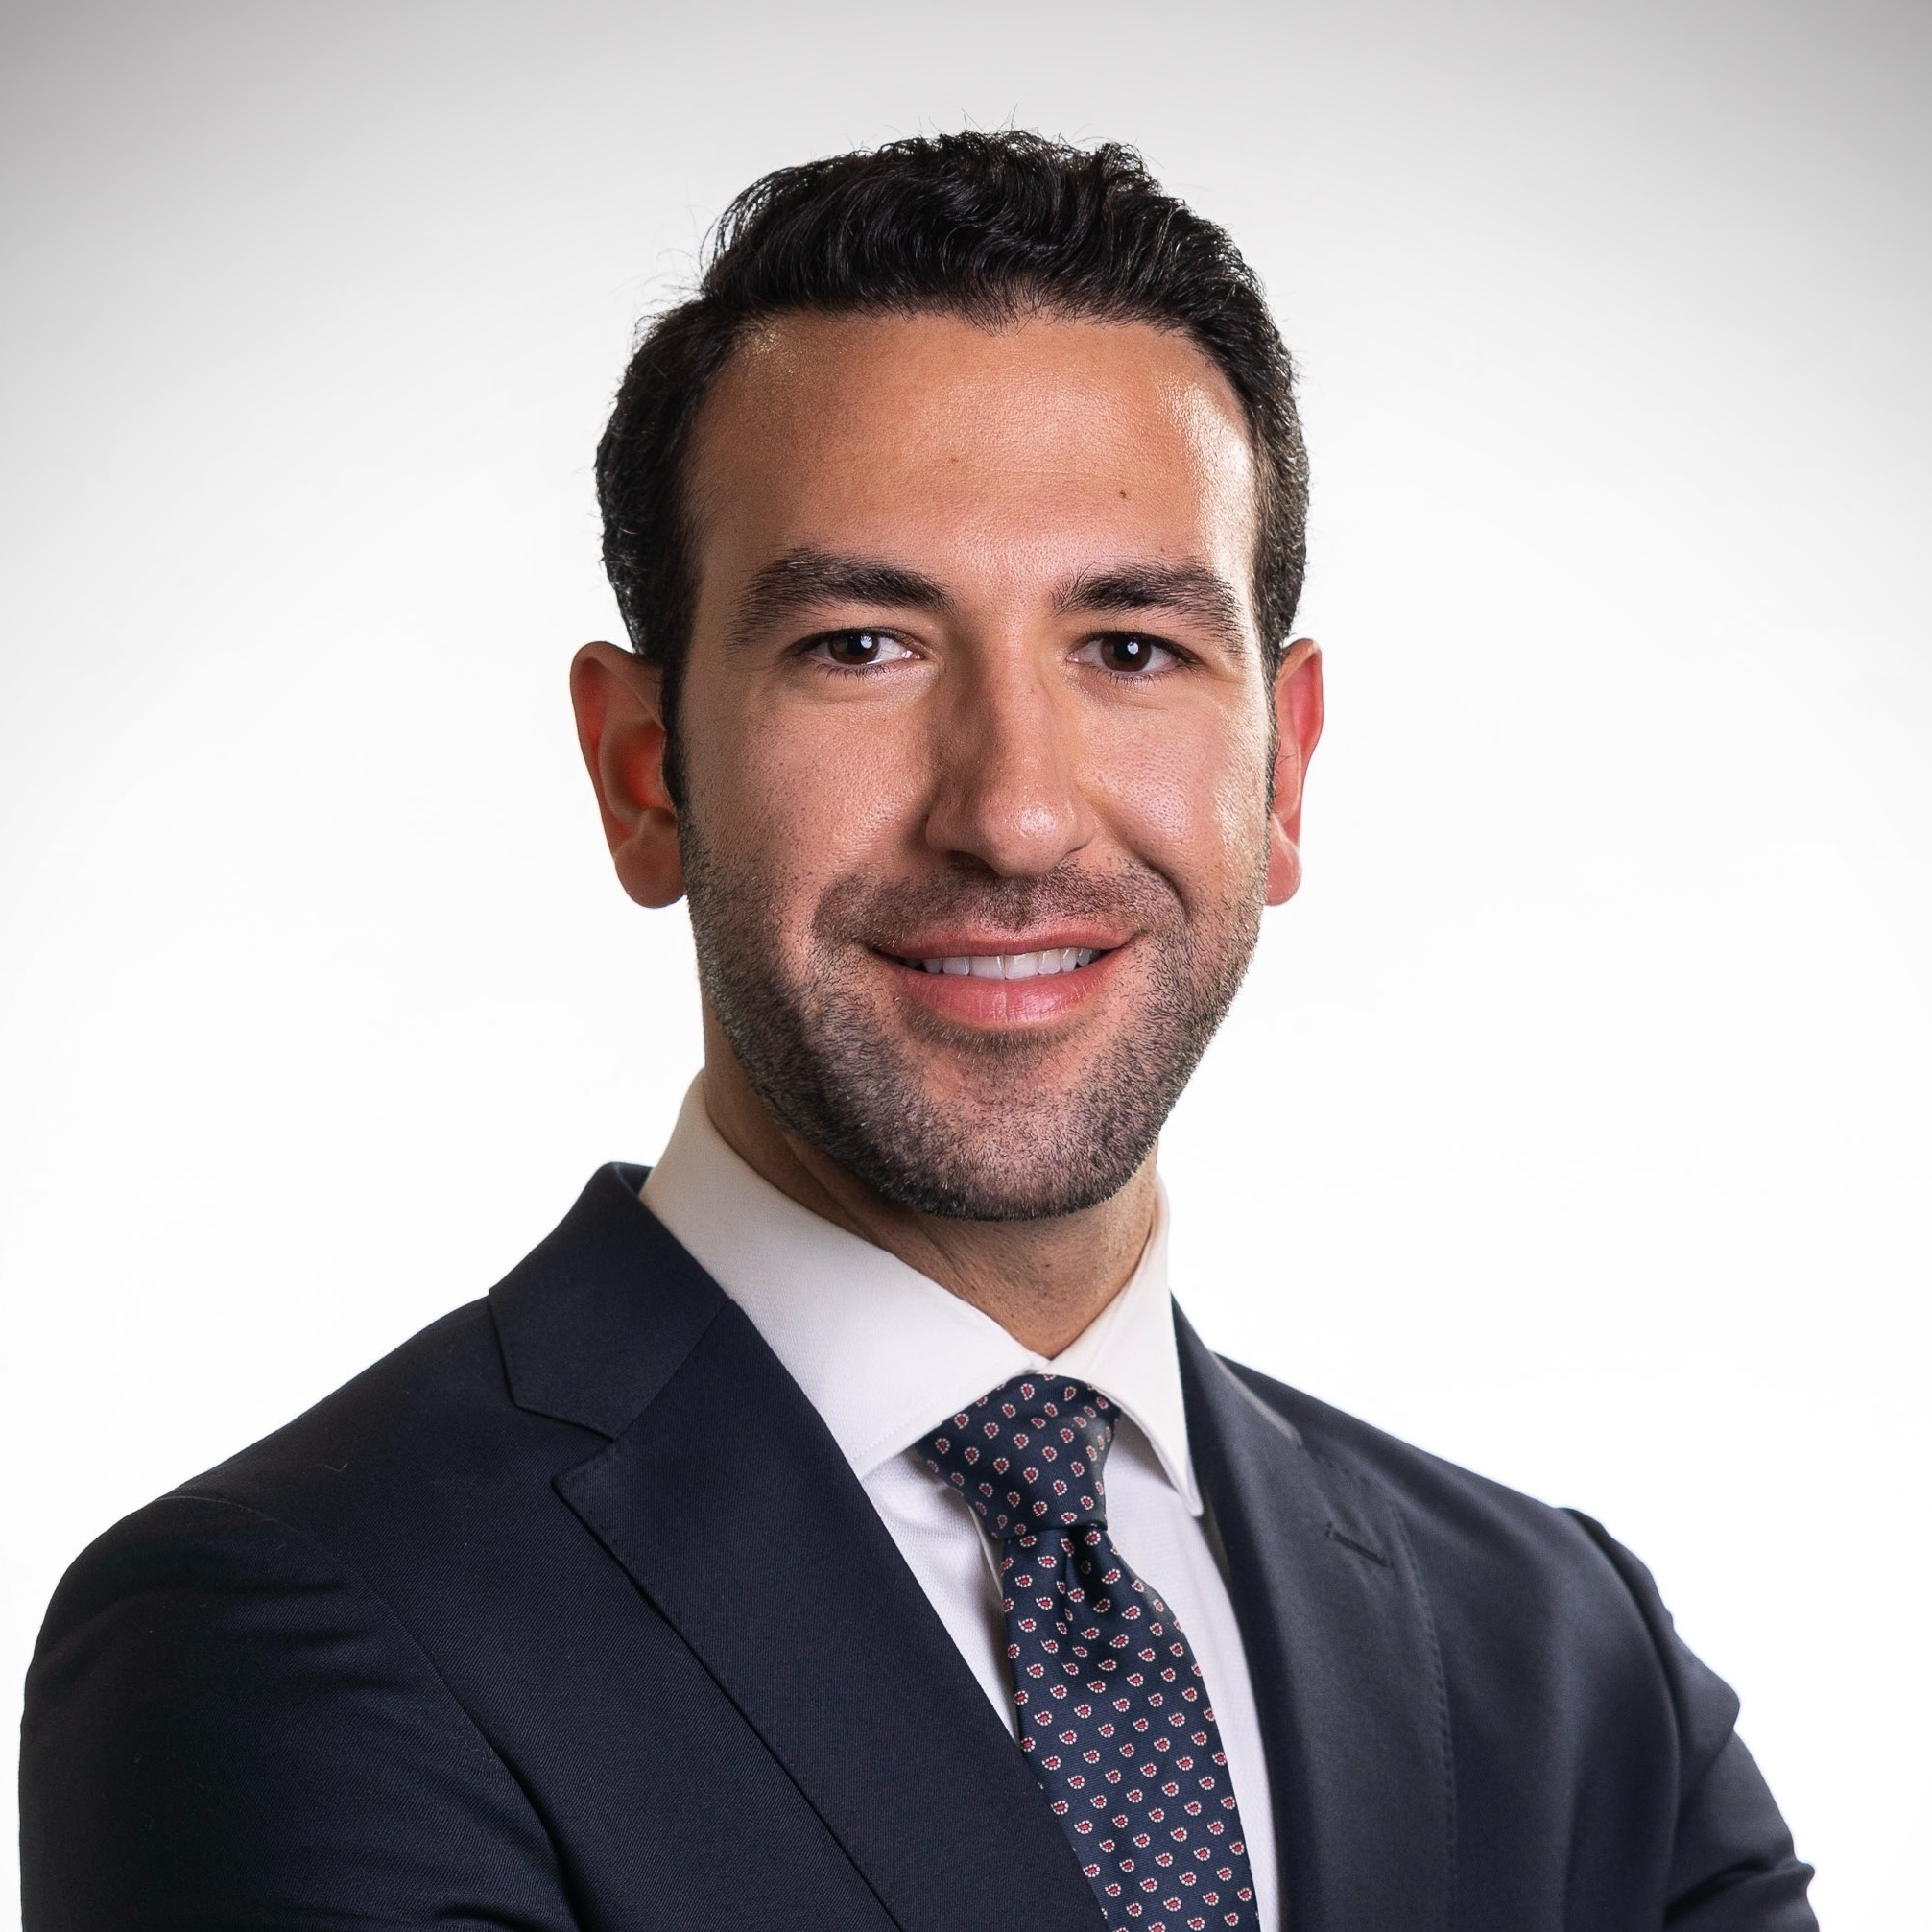 Dr. Humam Salahieh